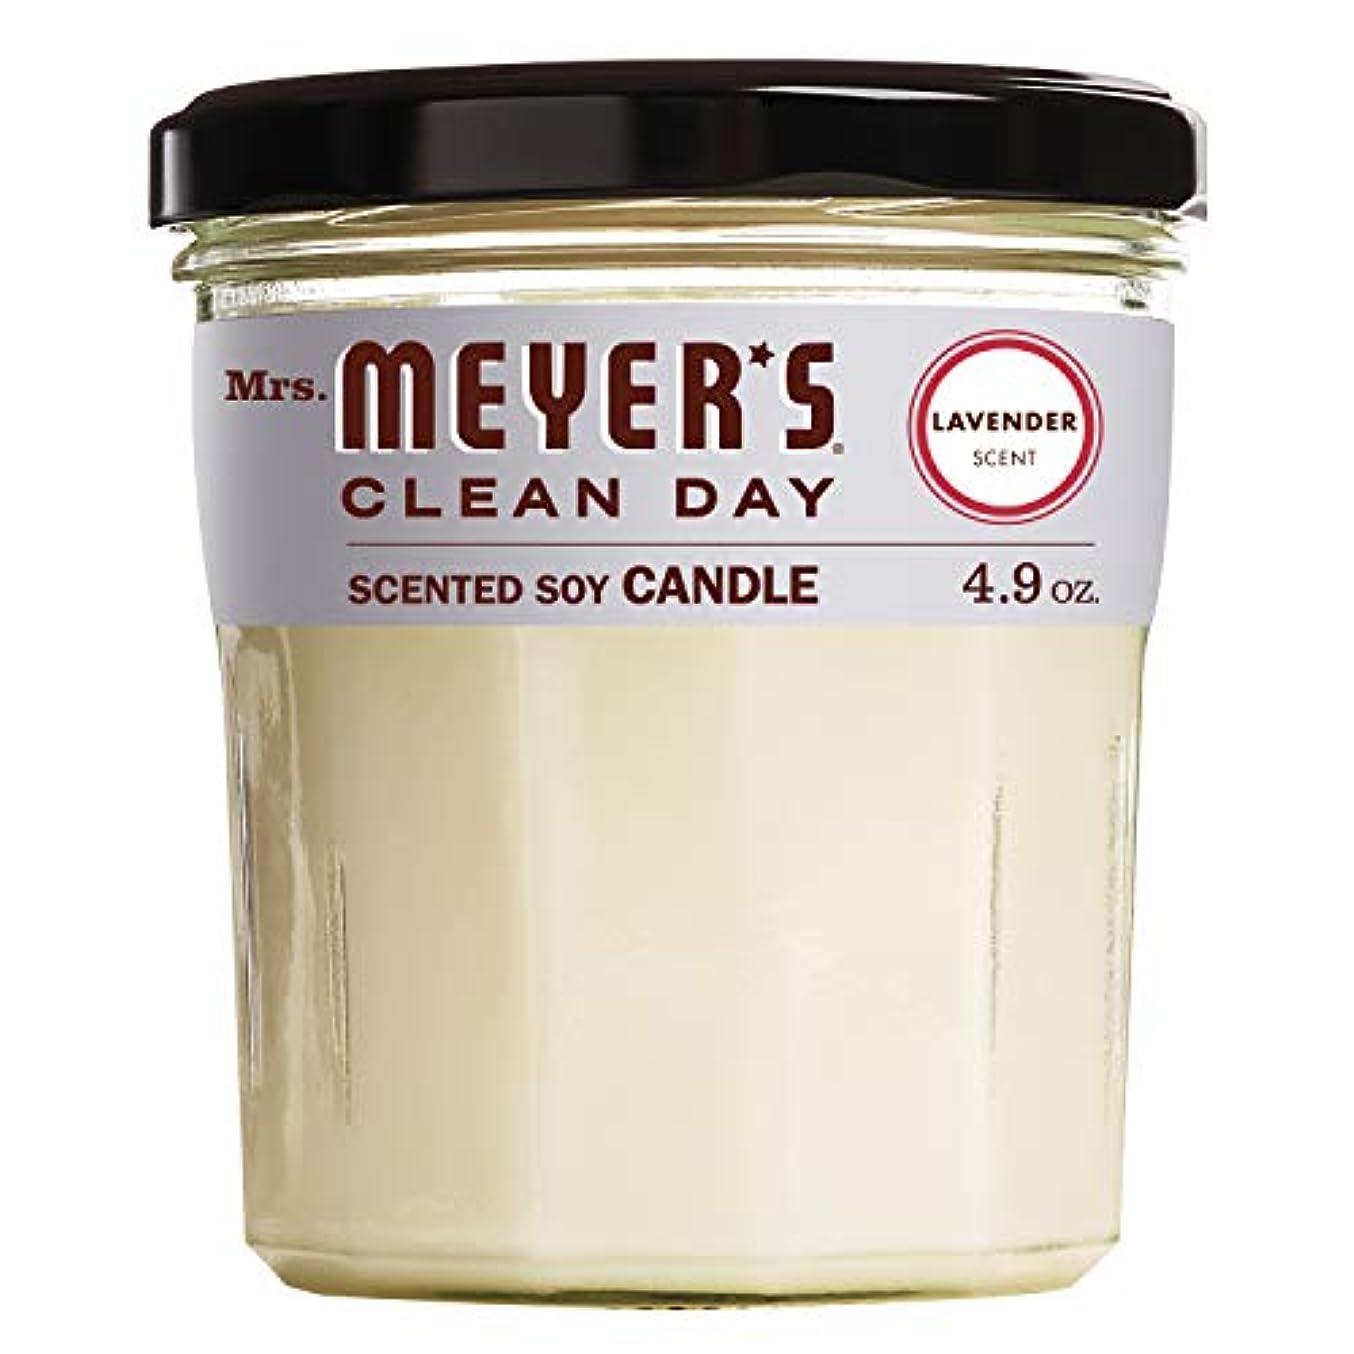 共産主義者標準震えるMrs. Meyer's Merge Clean Day Scented Soy Candle, Lavender, Small, 4.9 Ounce by Mrs. Meyer's Clean Day